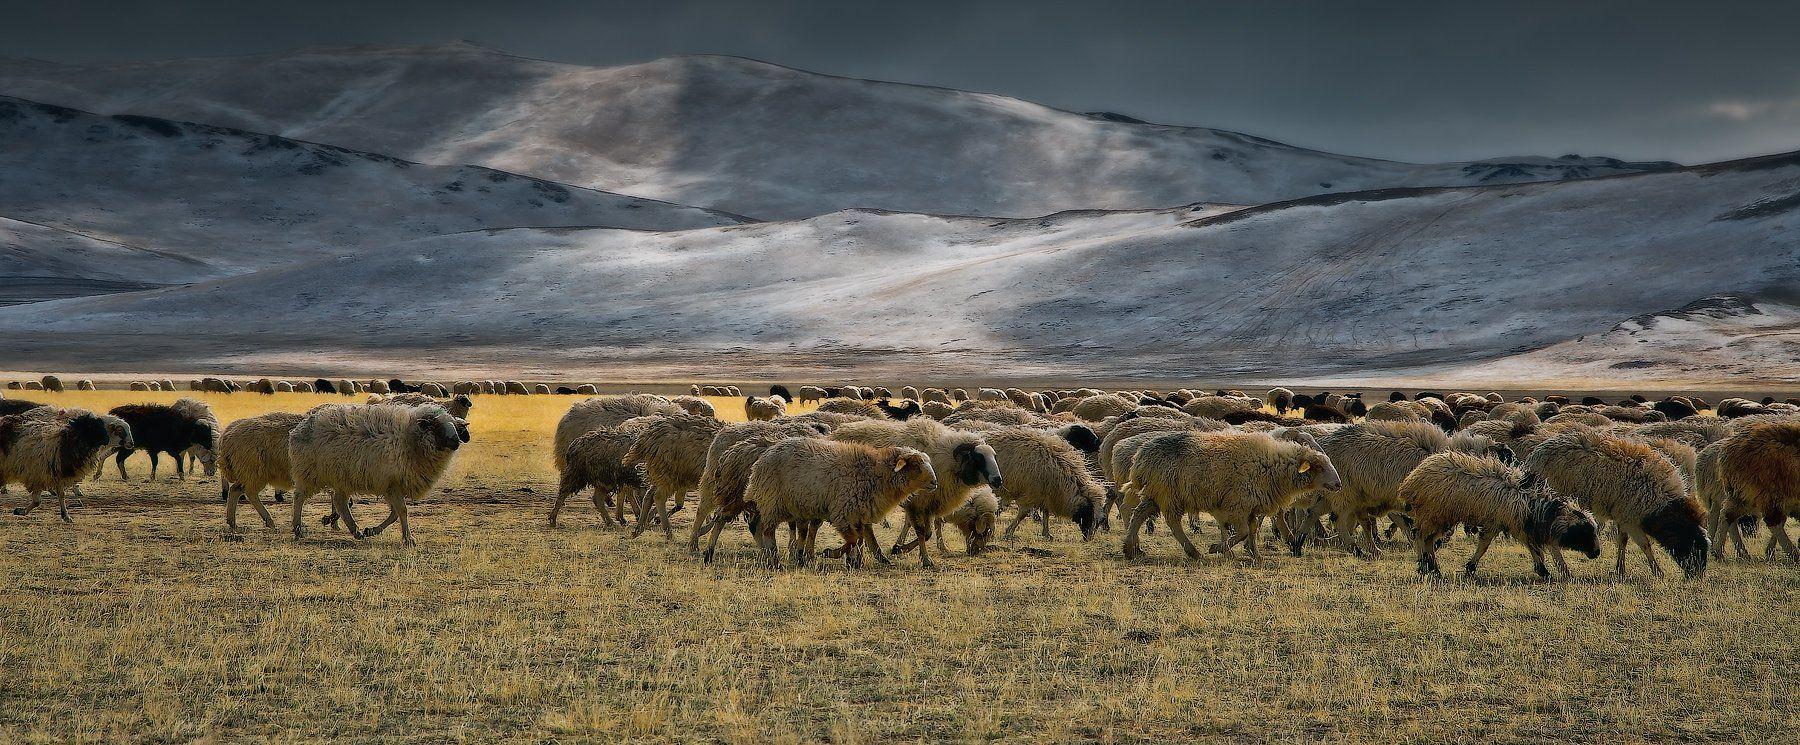 Central Asia region, Flock of sheep, Горы, Животные, Отара, Отроги, Пасмурно, Пастбище, Пейзаж, Природа, Степь, holod